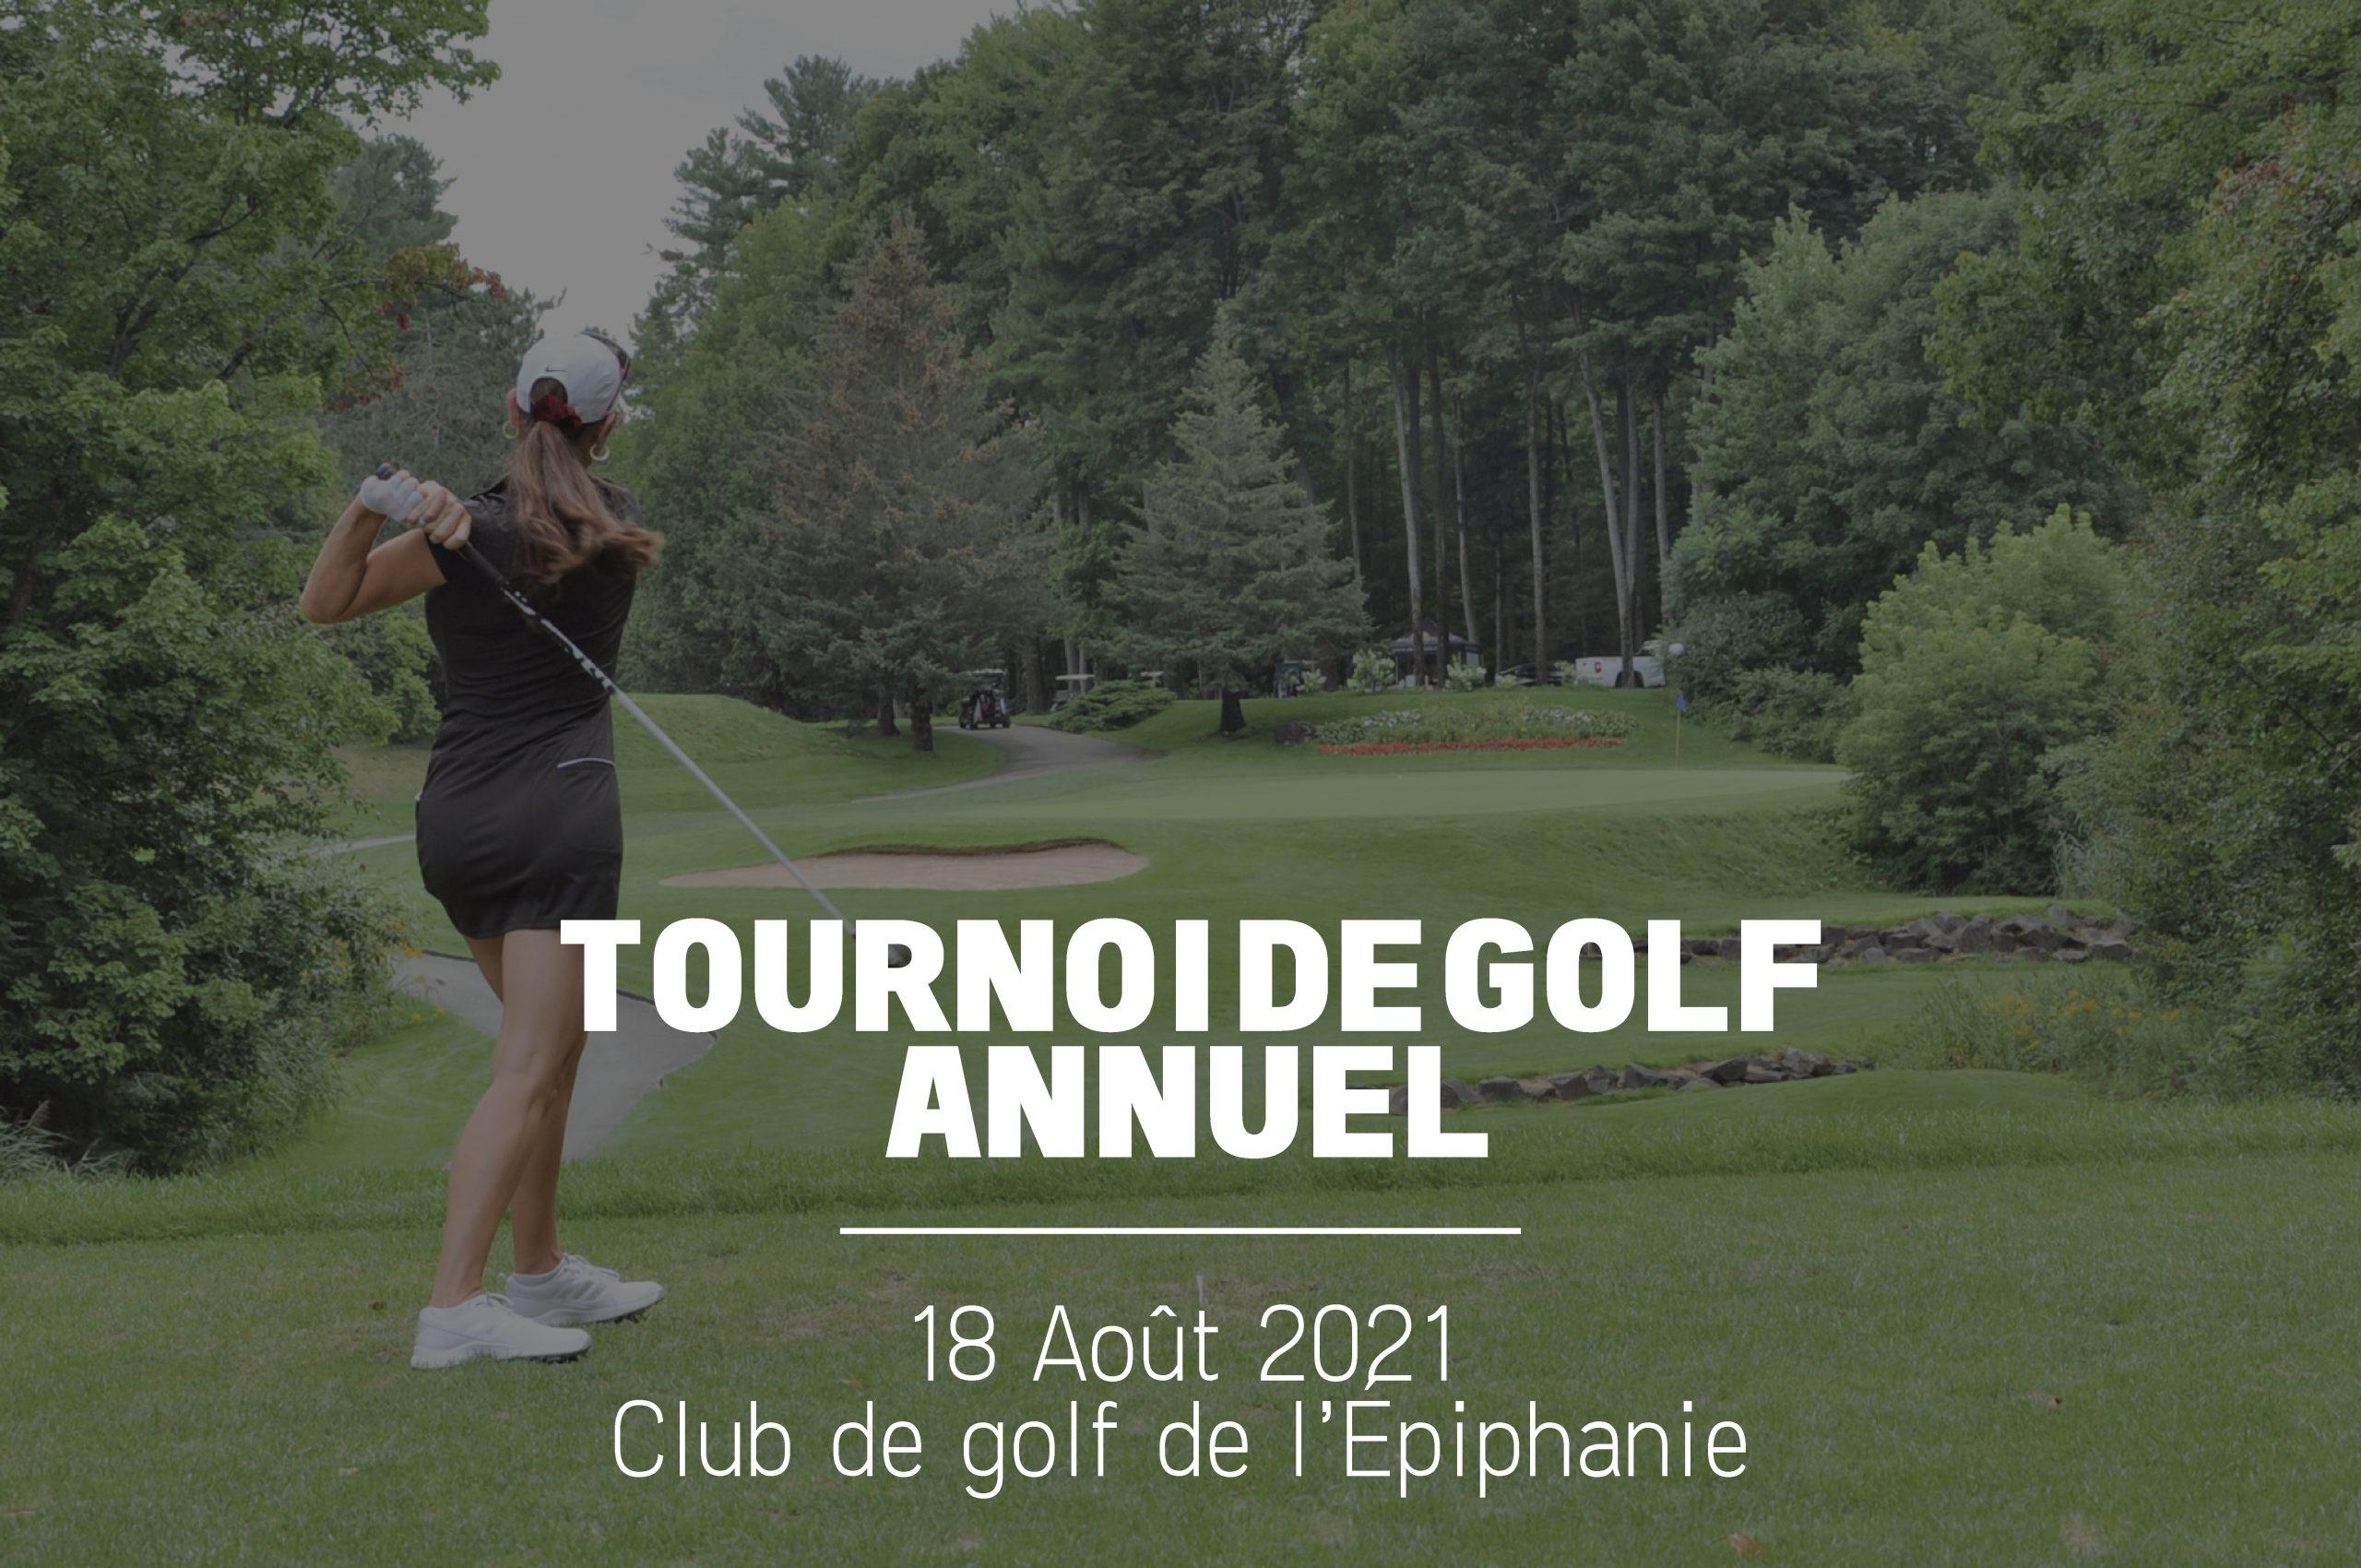 Tournoi de golf 2021